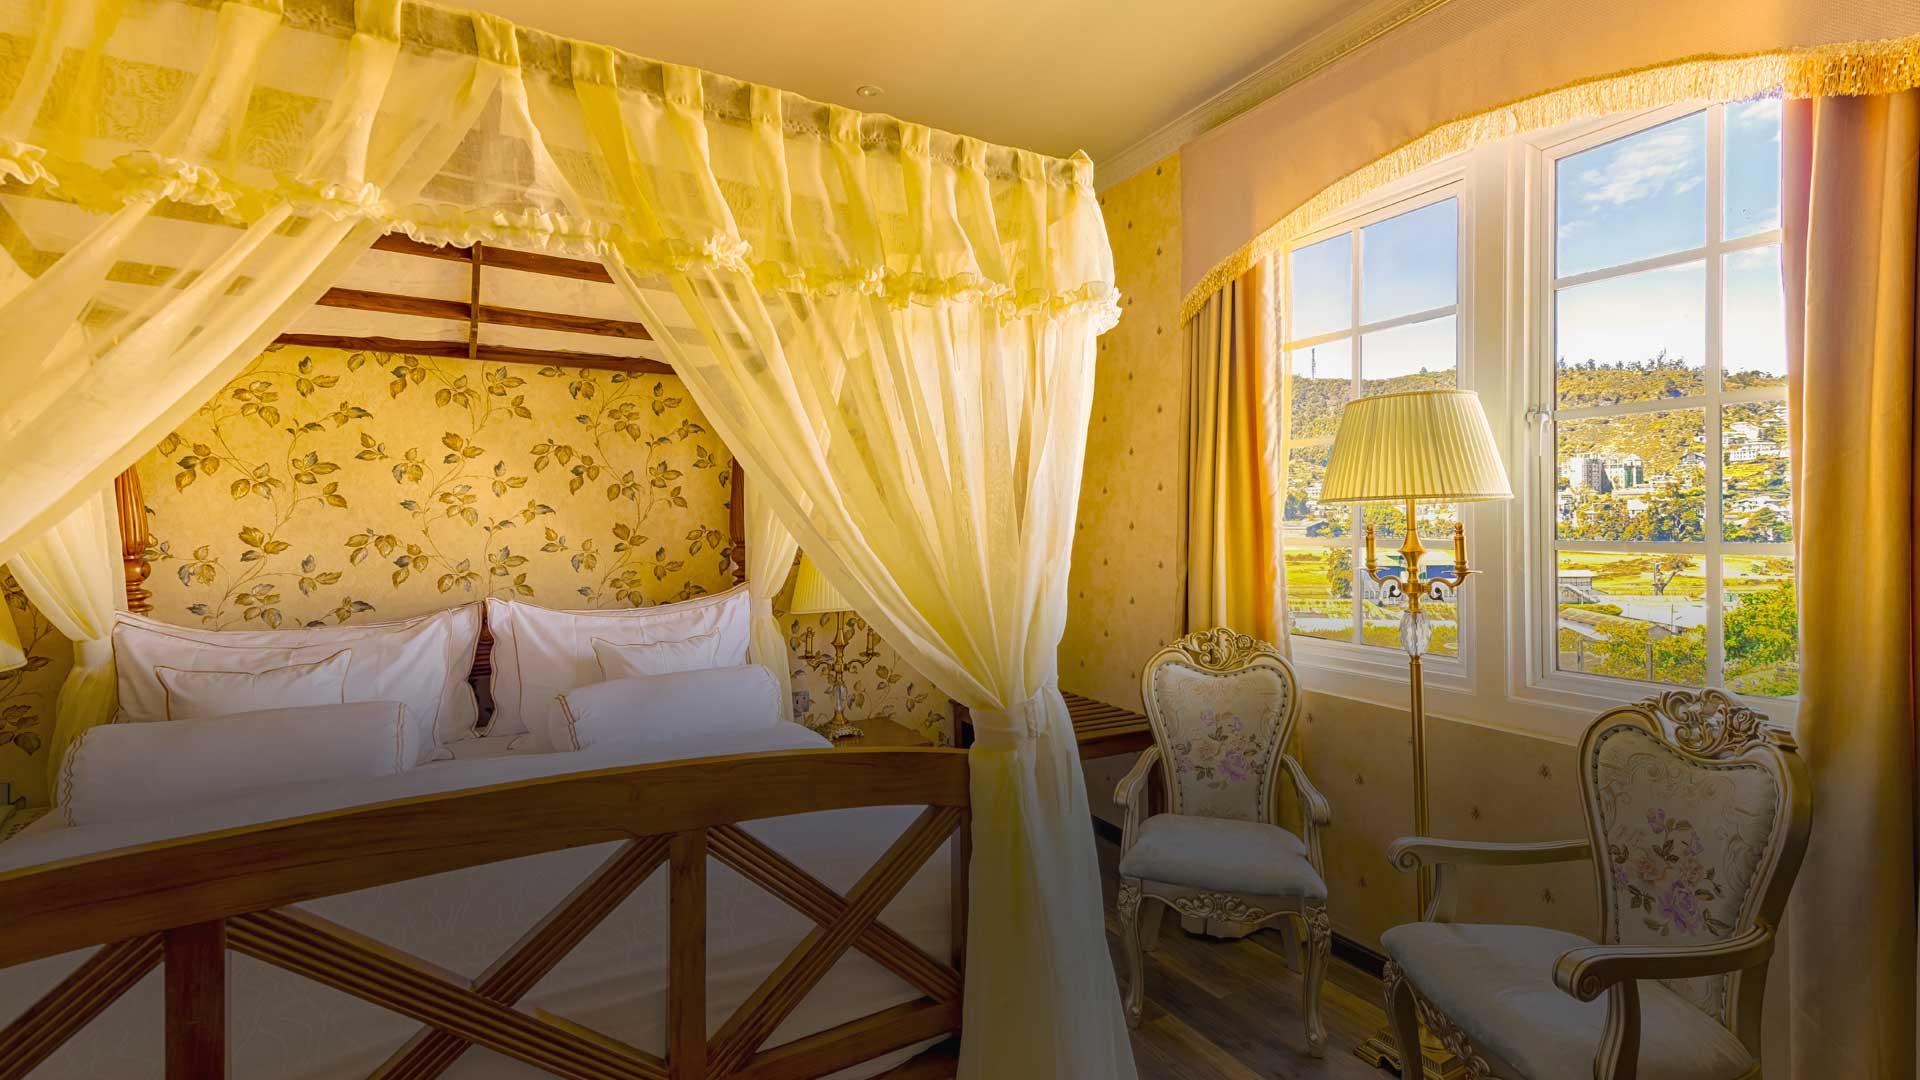 Westbury Palace - Accommodation